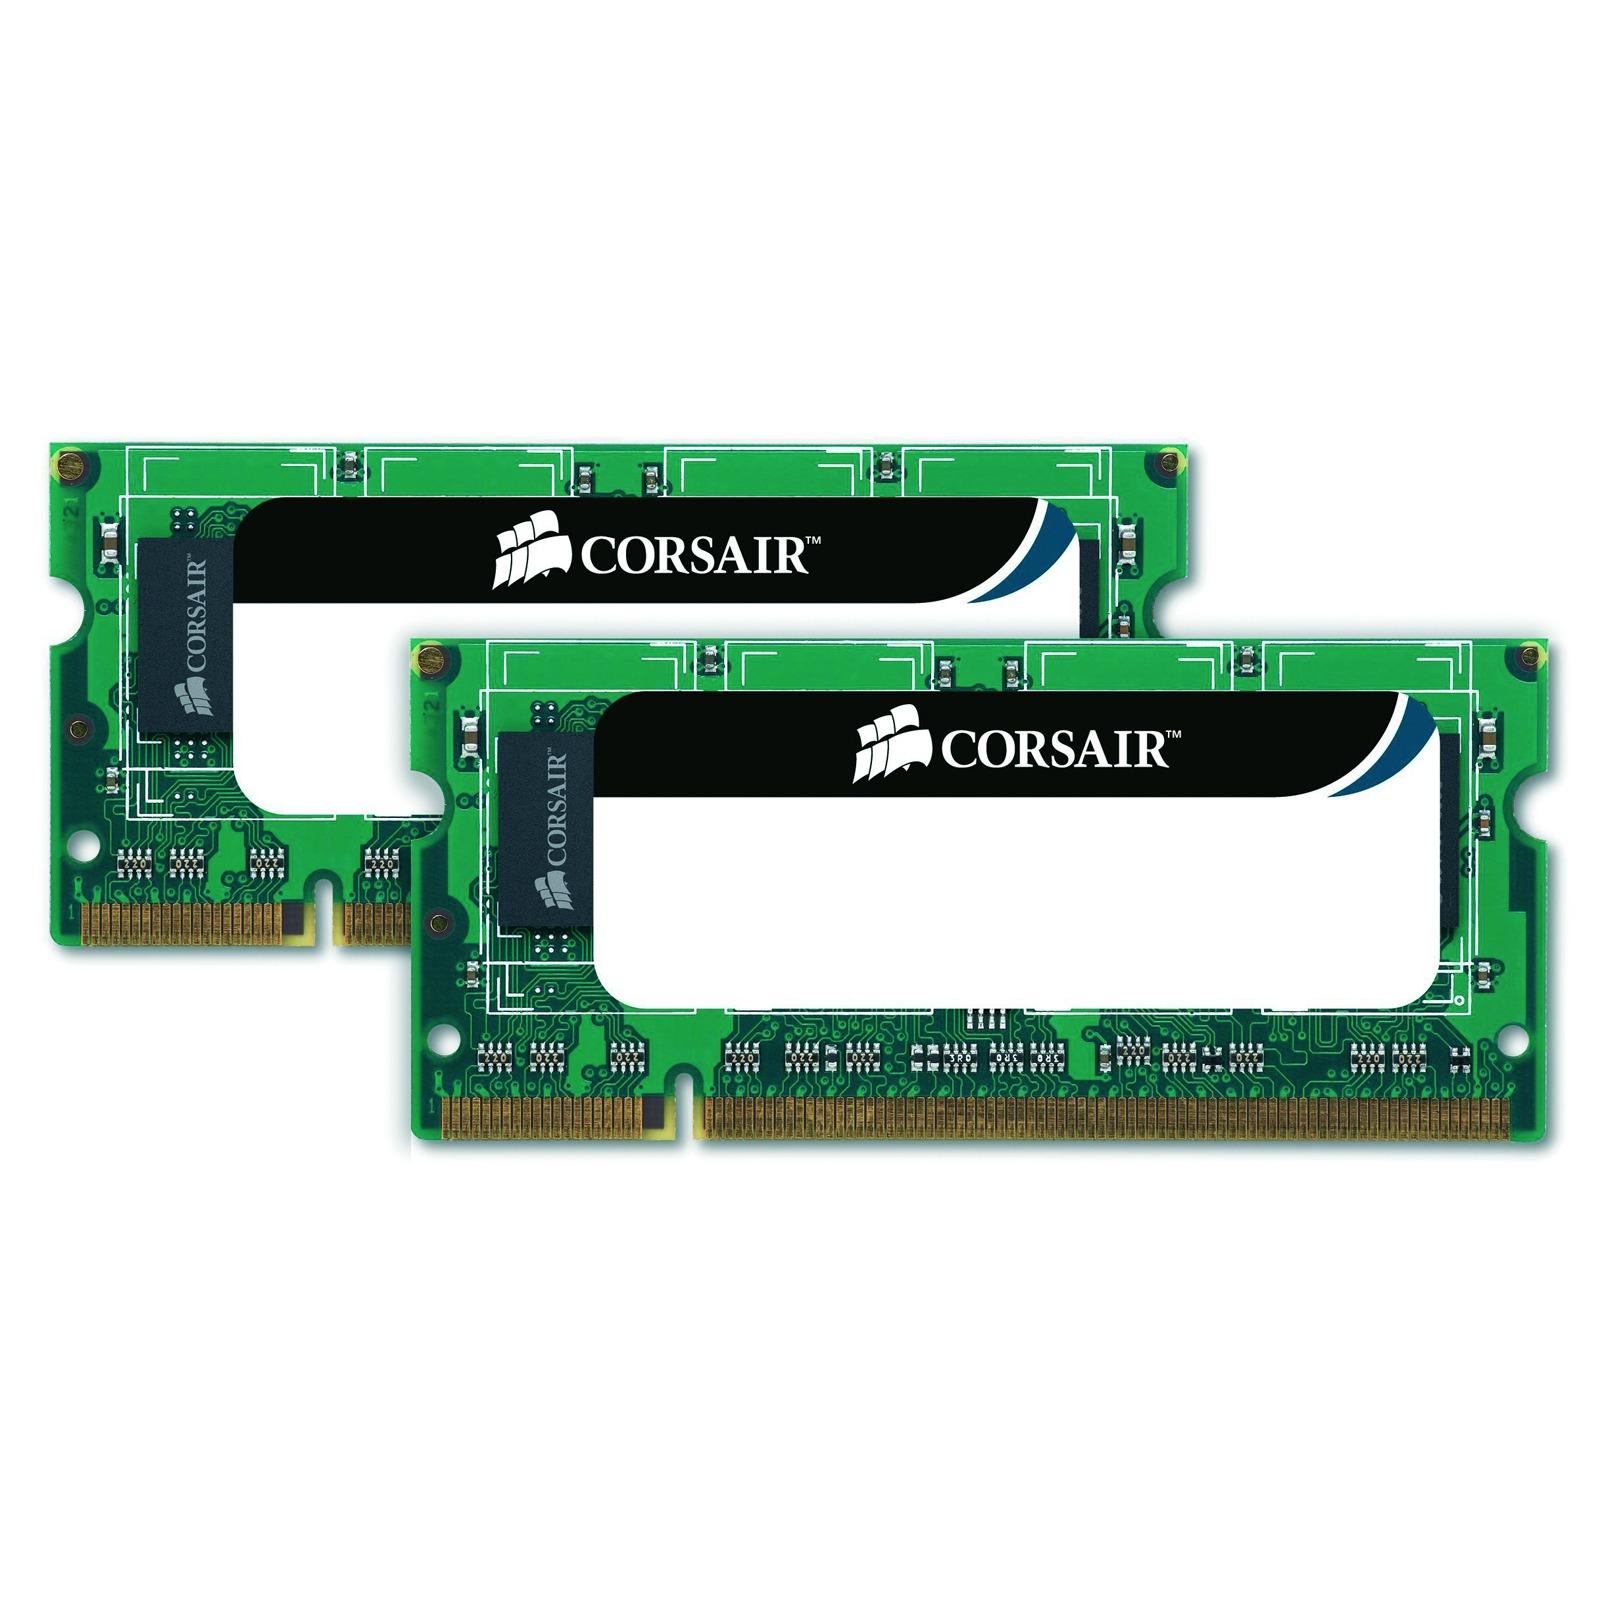 Mémoire PC portable Corsair Value Select SO-DIMM 16 Go (2x 8 Go) DDR3 1333 MHz  Kit Dual Channel RAM SO-DIMM DDR3 PC10600 - CMSO16GX3M2A1333C9 (garantie 10 ans par Corsair)